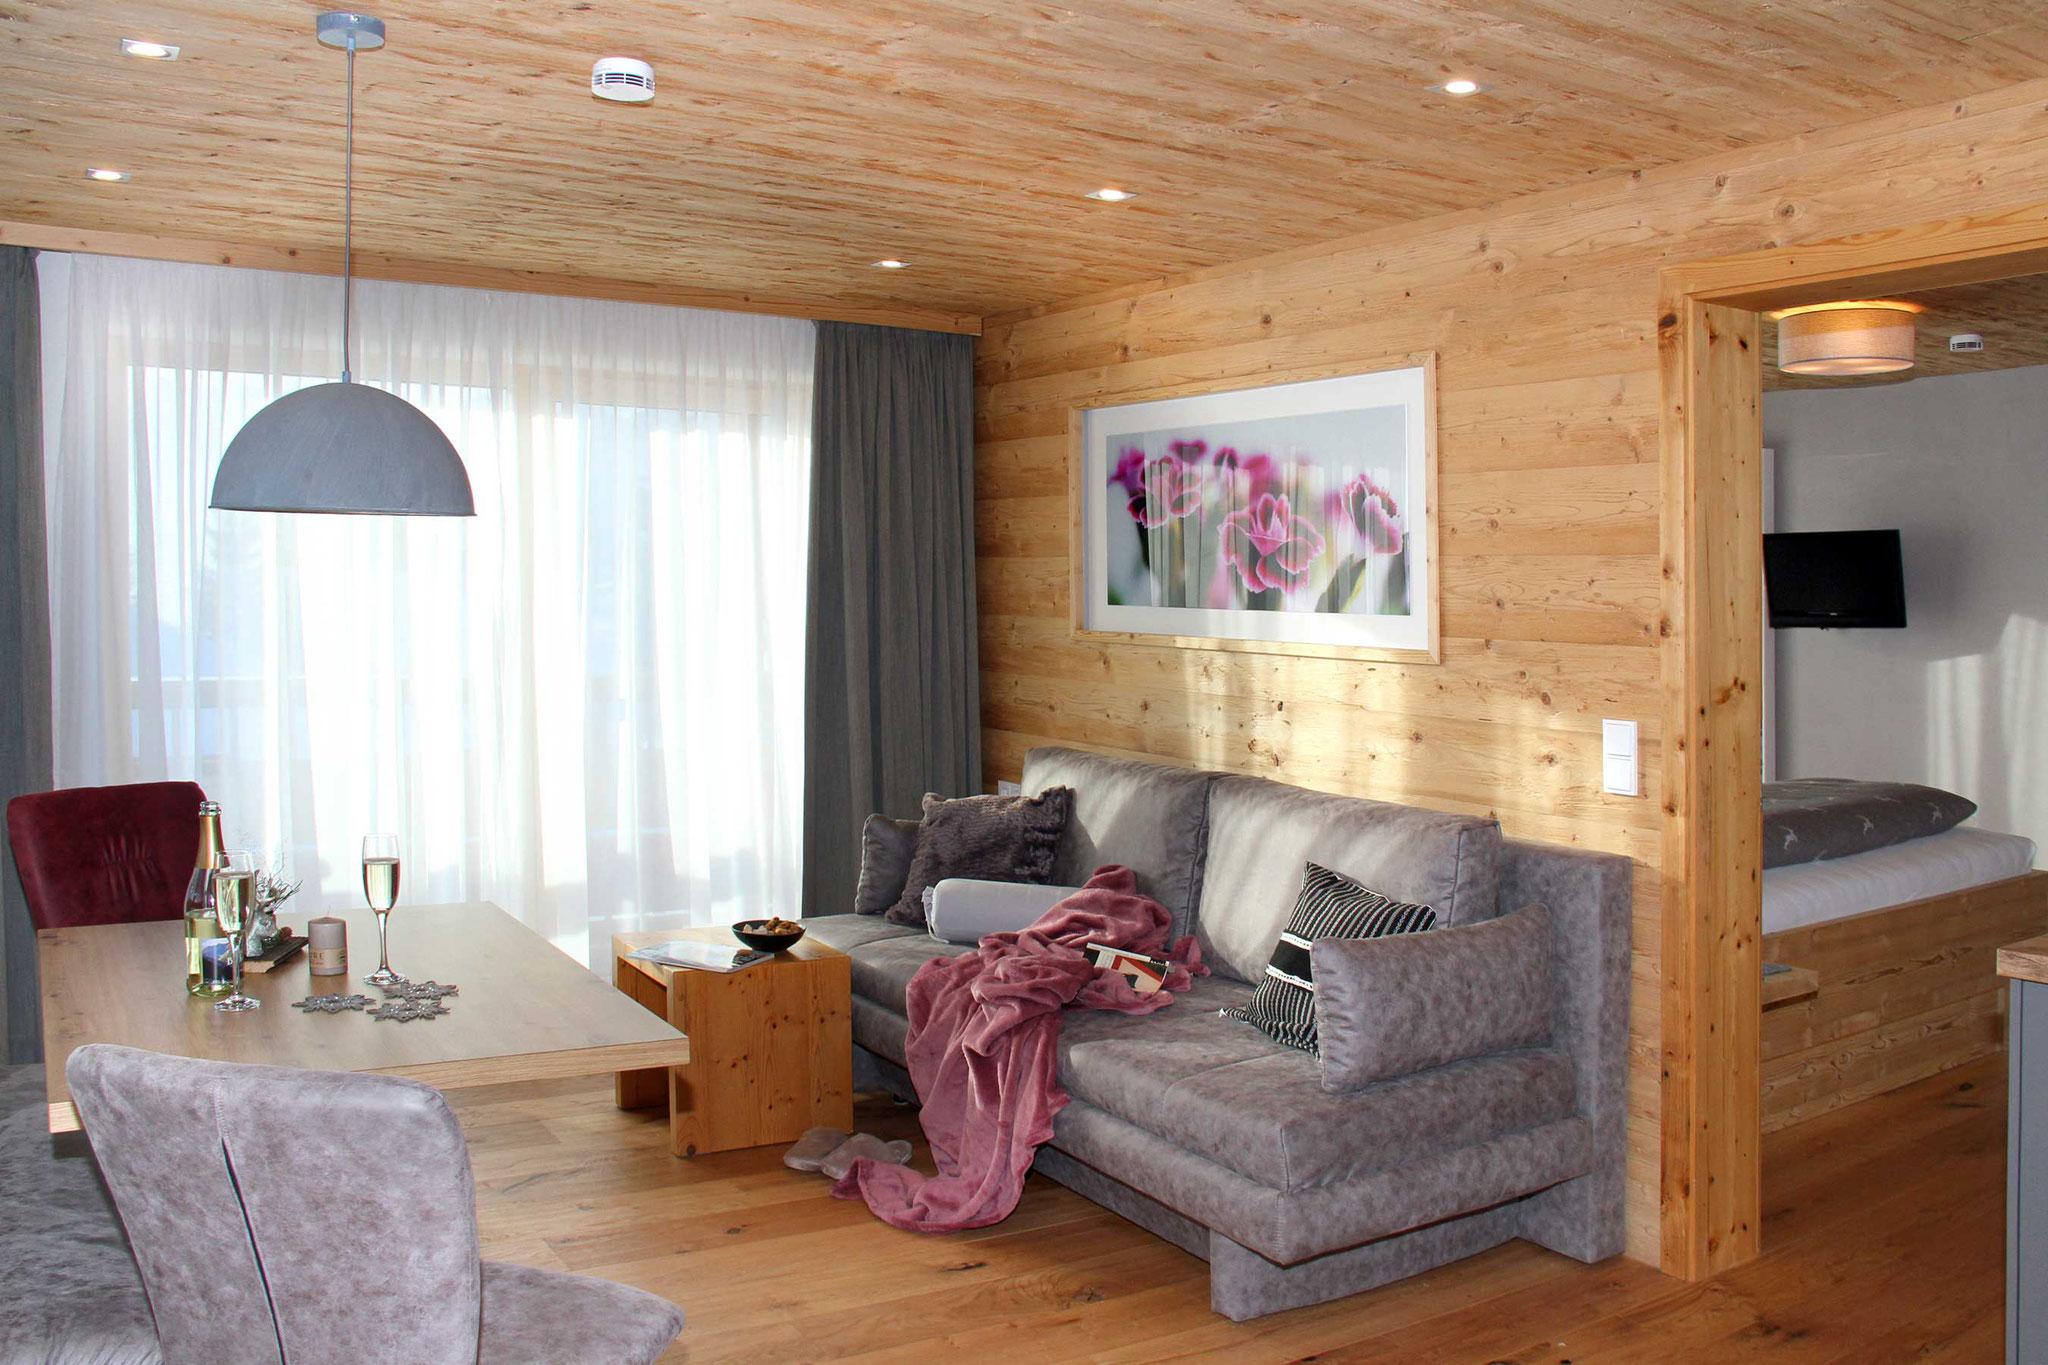 exklusive Ferienwohnung Wiesengrund, Kleinwalsertal, Bergnäägele, Wohnzimmer